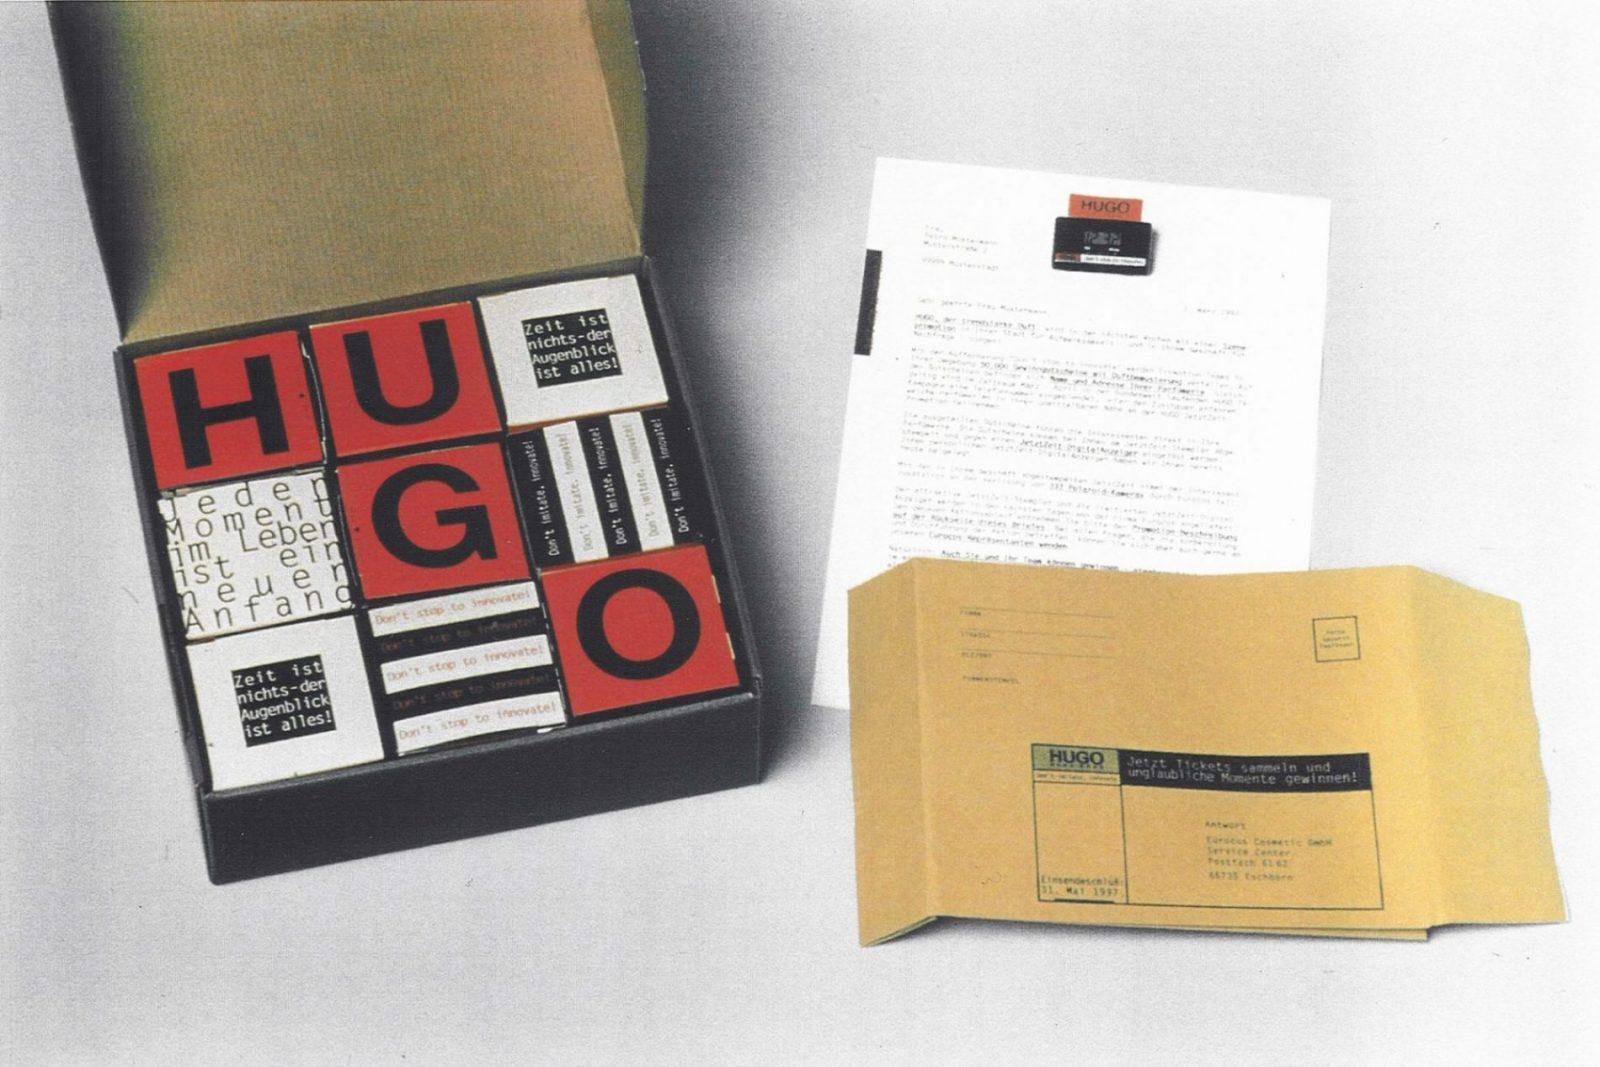 Mail_Box11